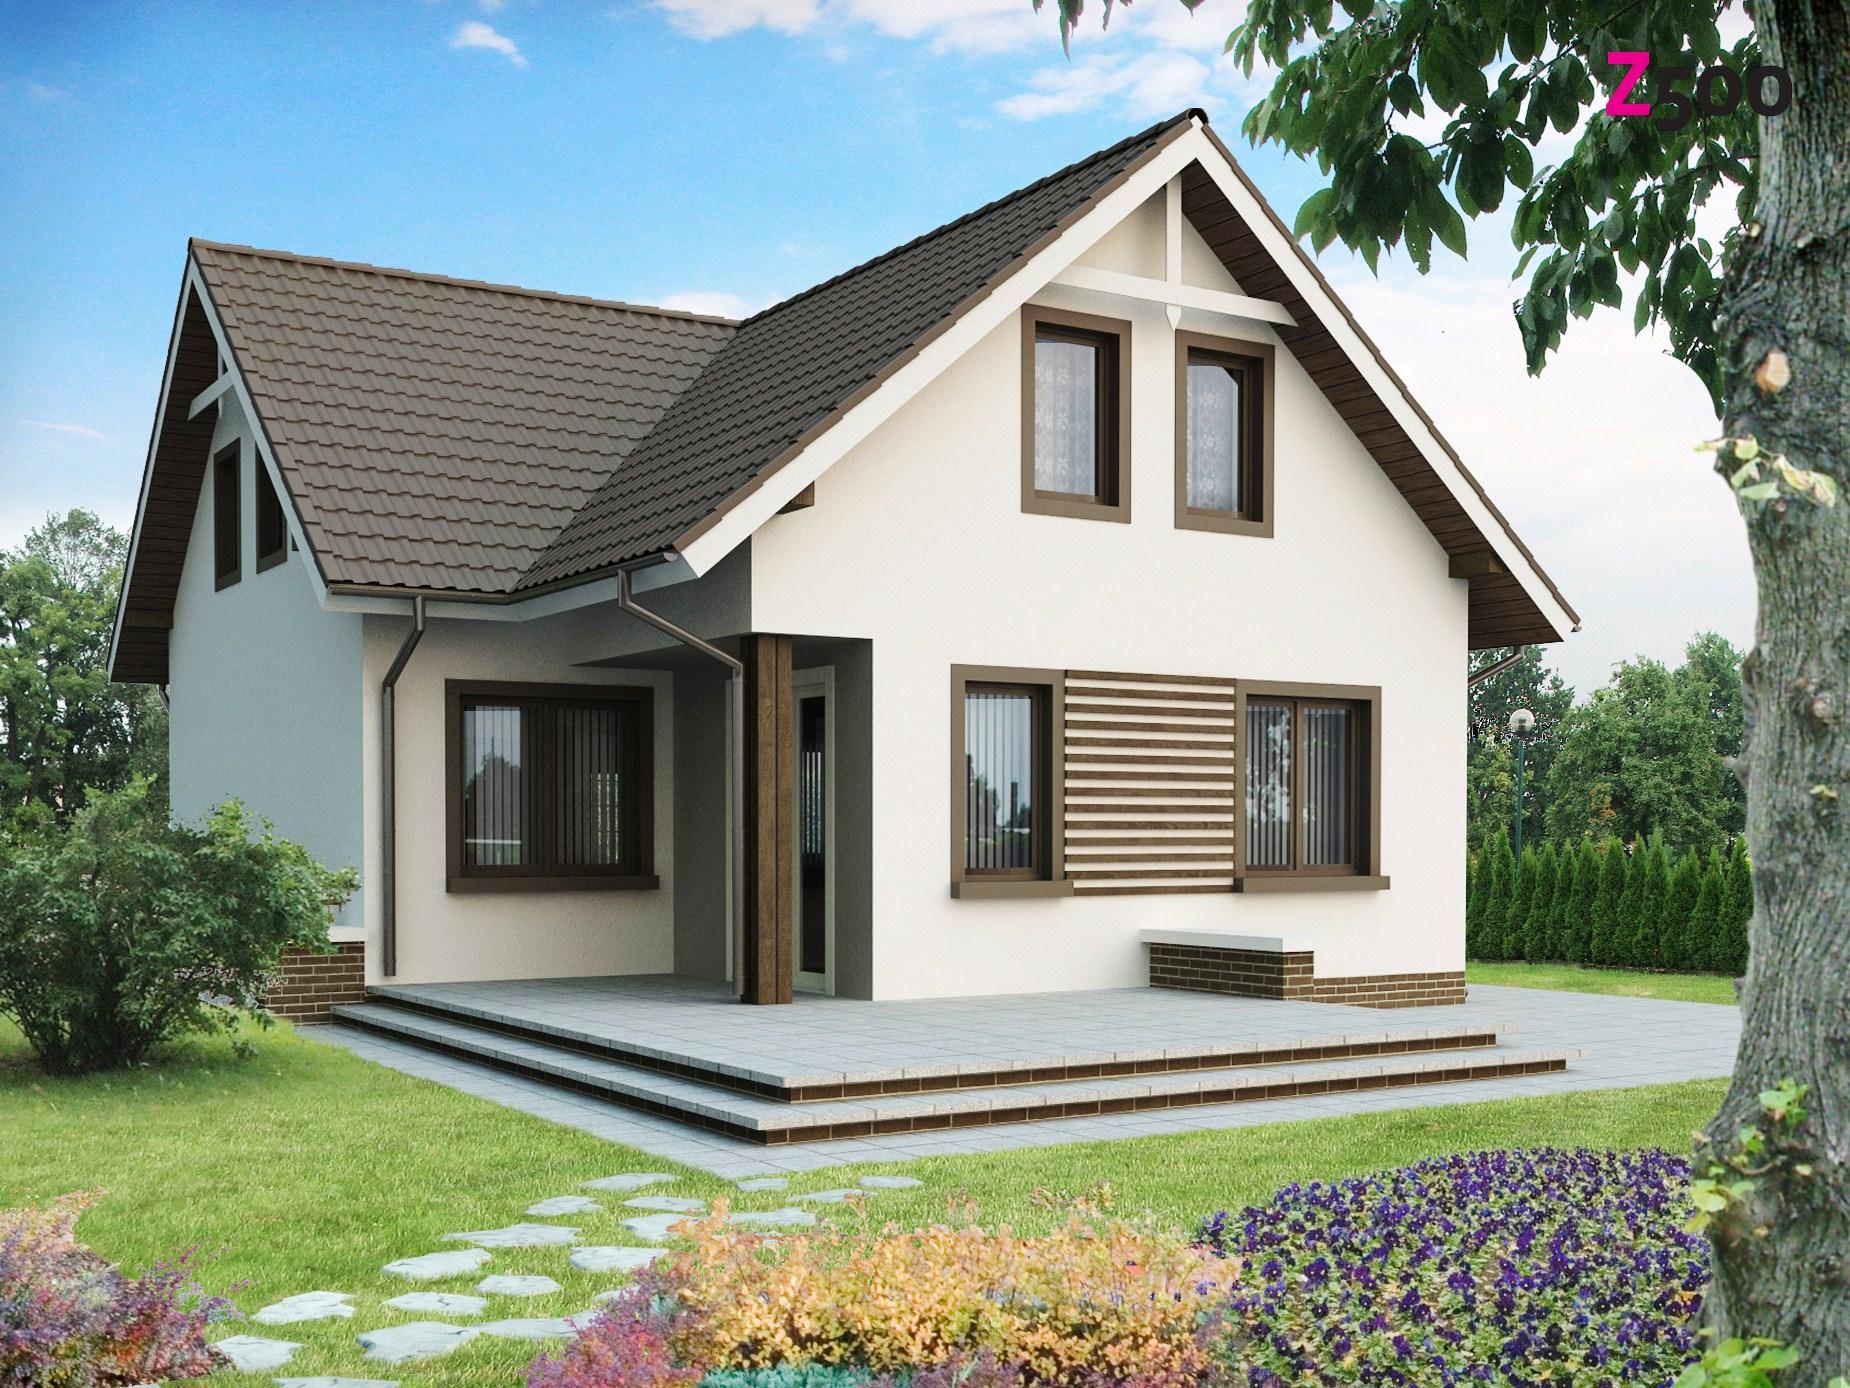 Дом с мансардой (100 фото): красивые проекты, идеи и дизайн